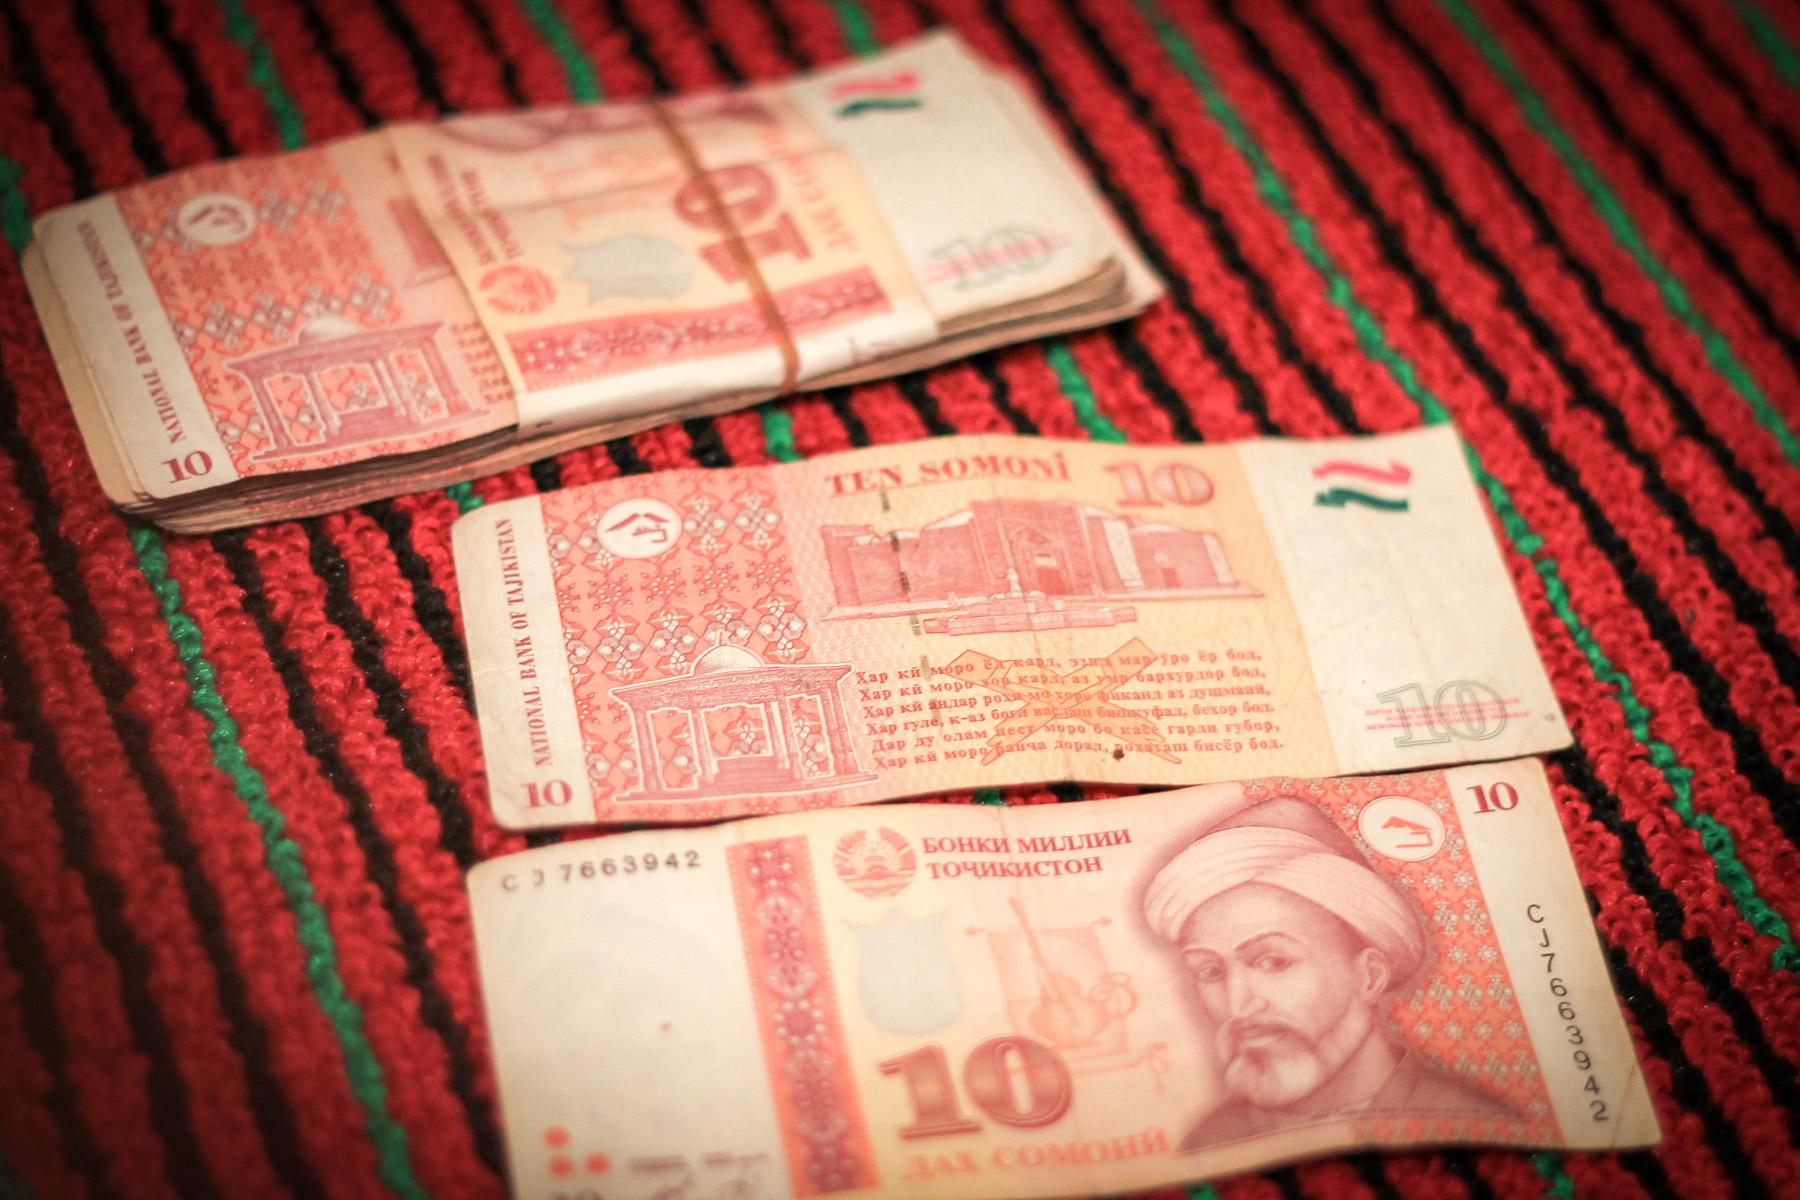 10 tadżyckich somoni, czyli około 6zł.